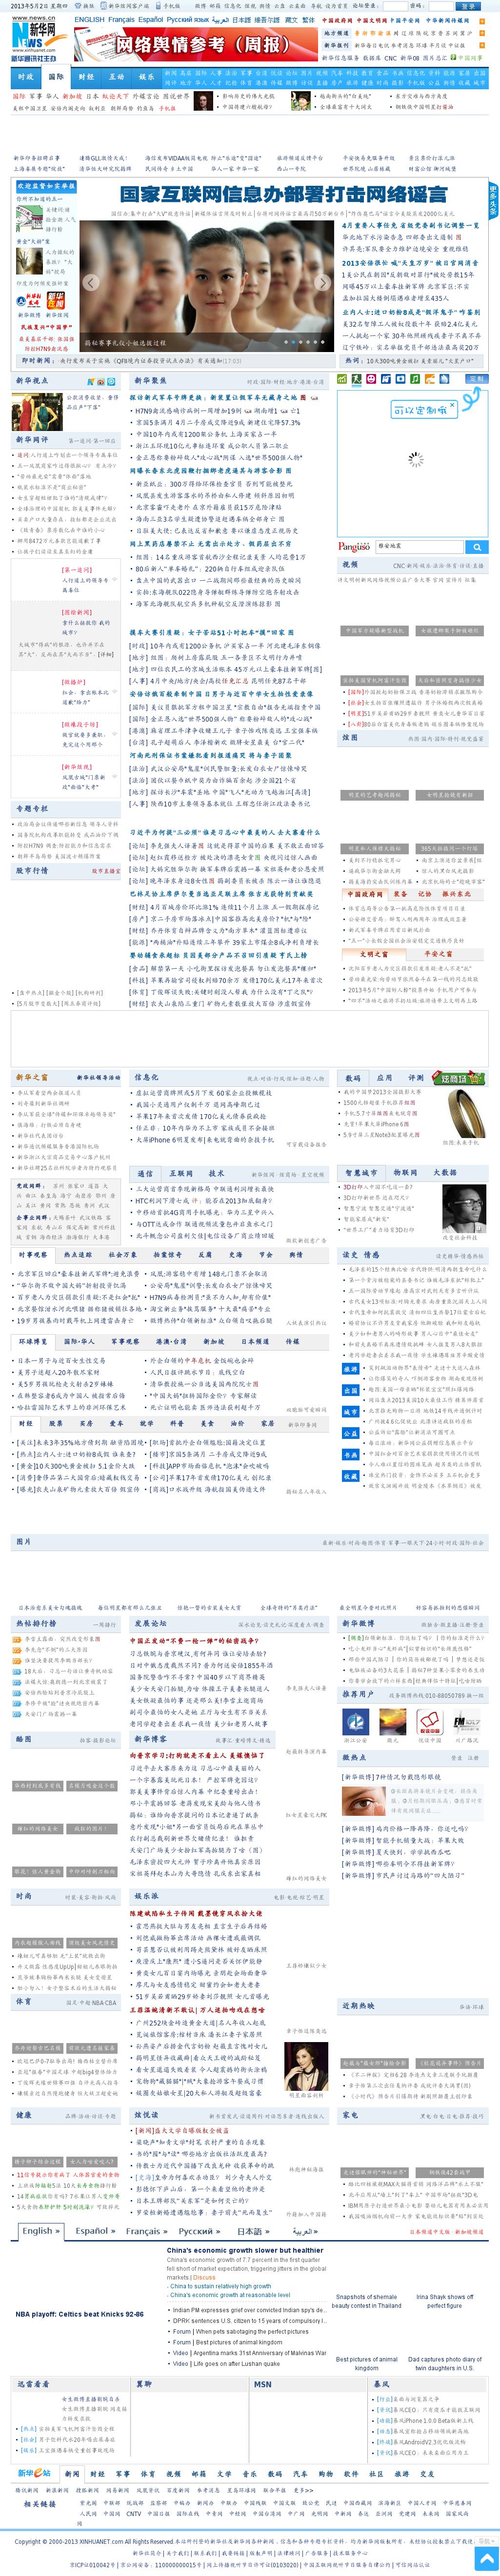 Xinhua at Thursday May 2, 2013, 9:29 a.m. UTC